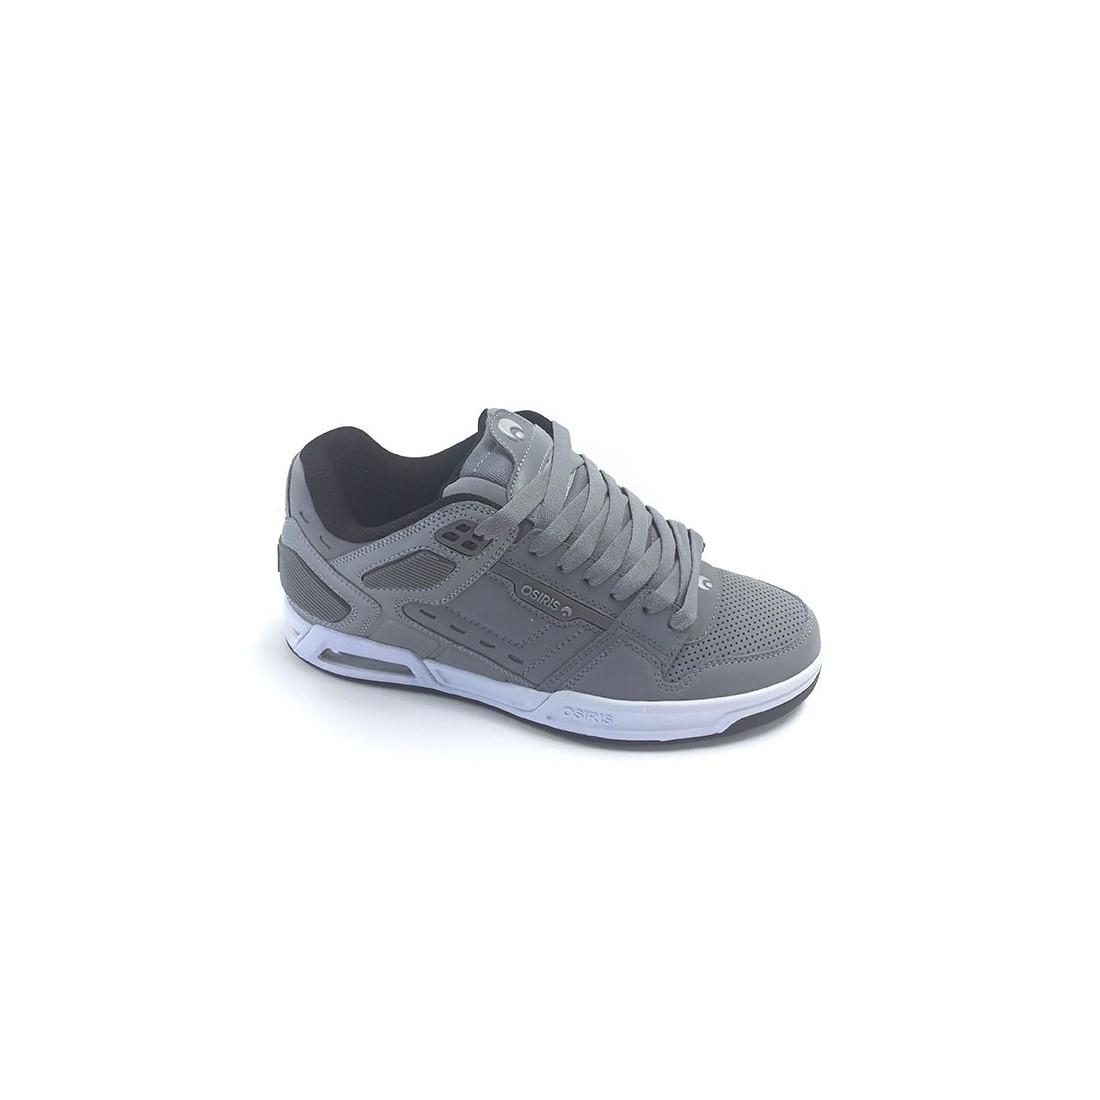 PERIL grey silver black